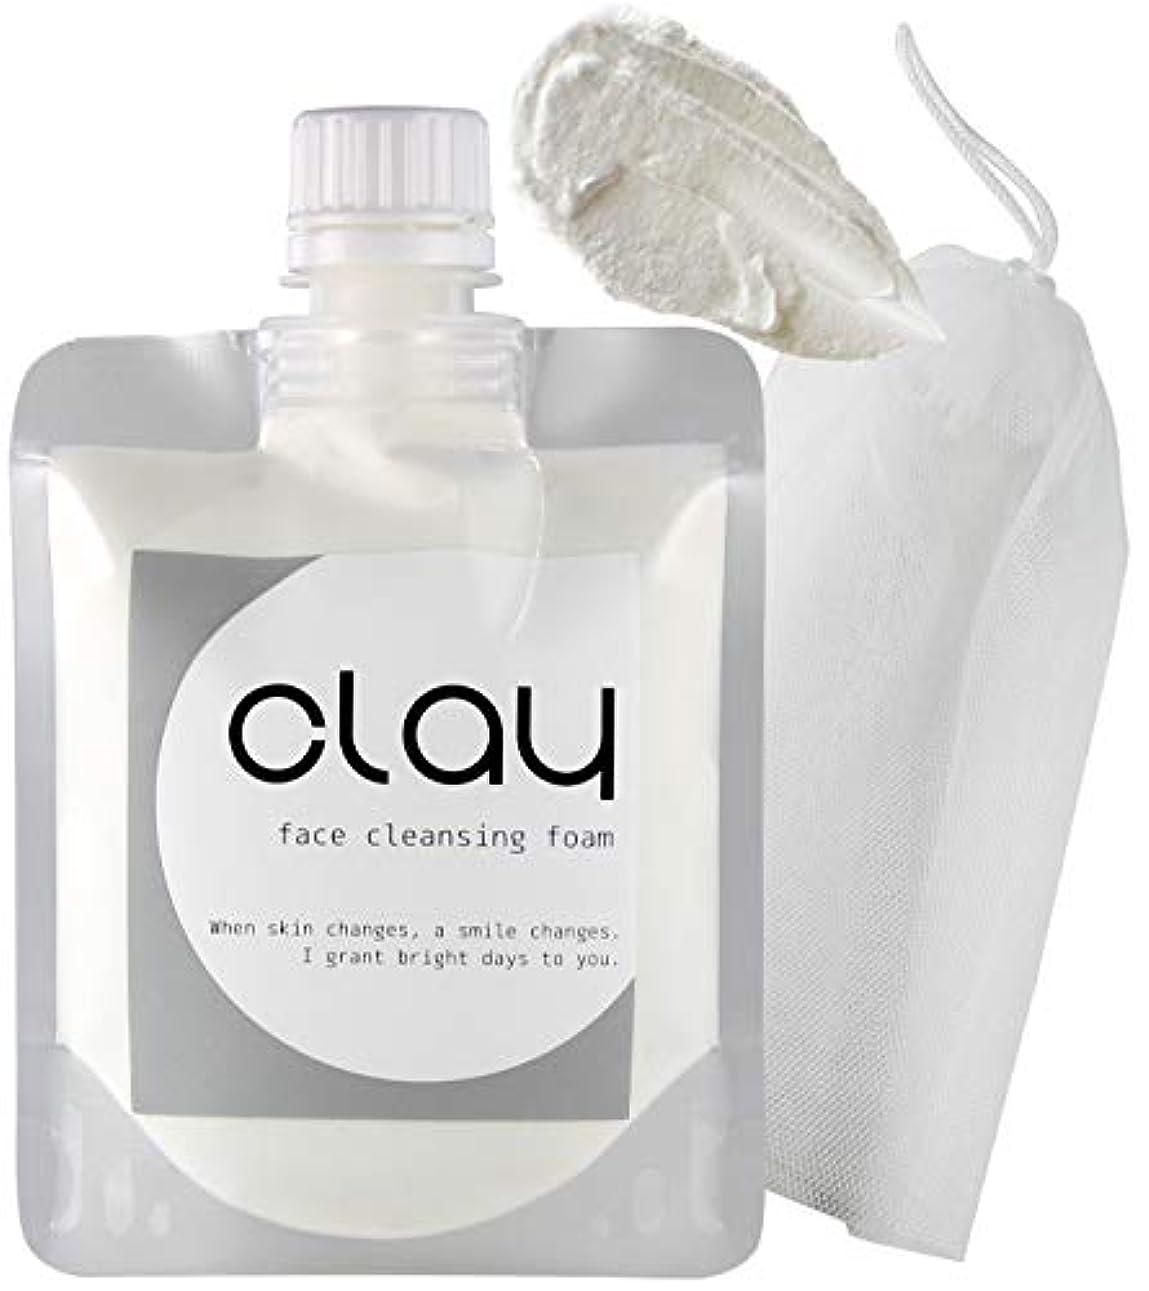 仕様慈善兄STAR'S クレイ 泥 洗顔 オーガニック 【 毛穴 黒ずみ 開き ザラ付き 用】「 泡 ネット 付き」 40種類の植物エキス 16種類の美容成分 9つの無添加 透明感 柔肌 130g (Clay)